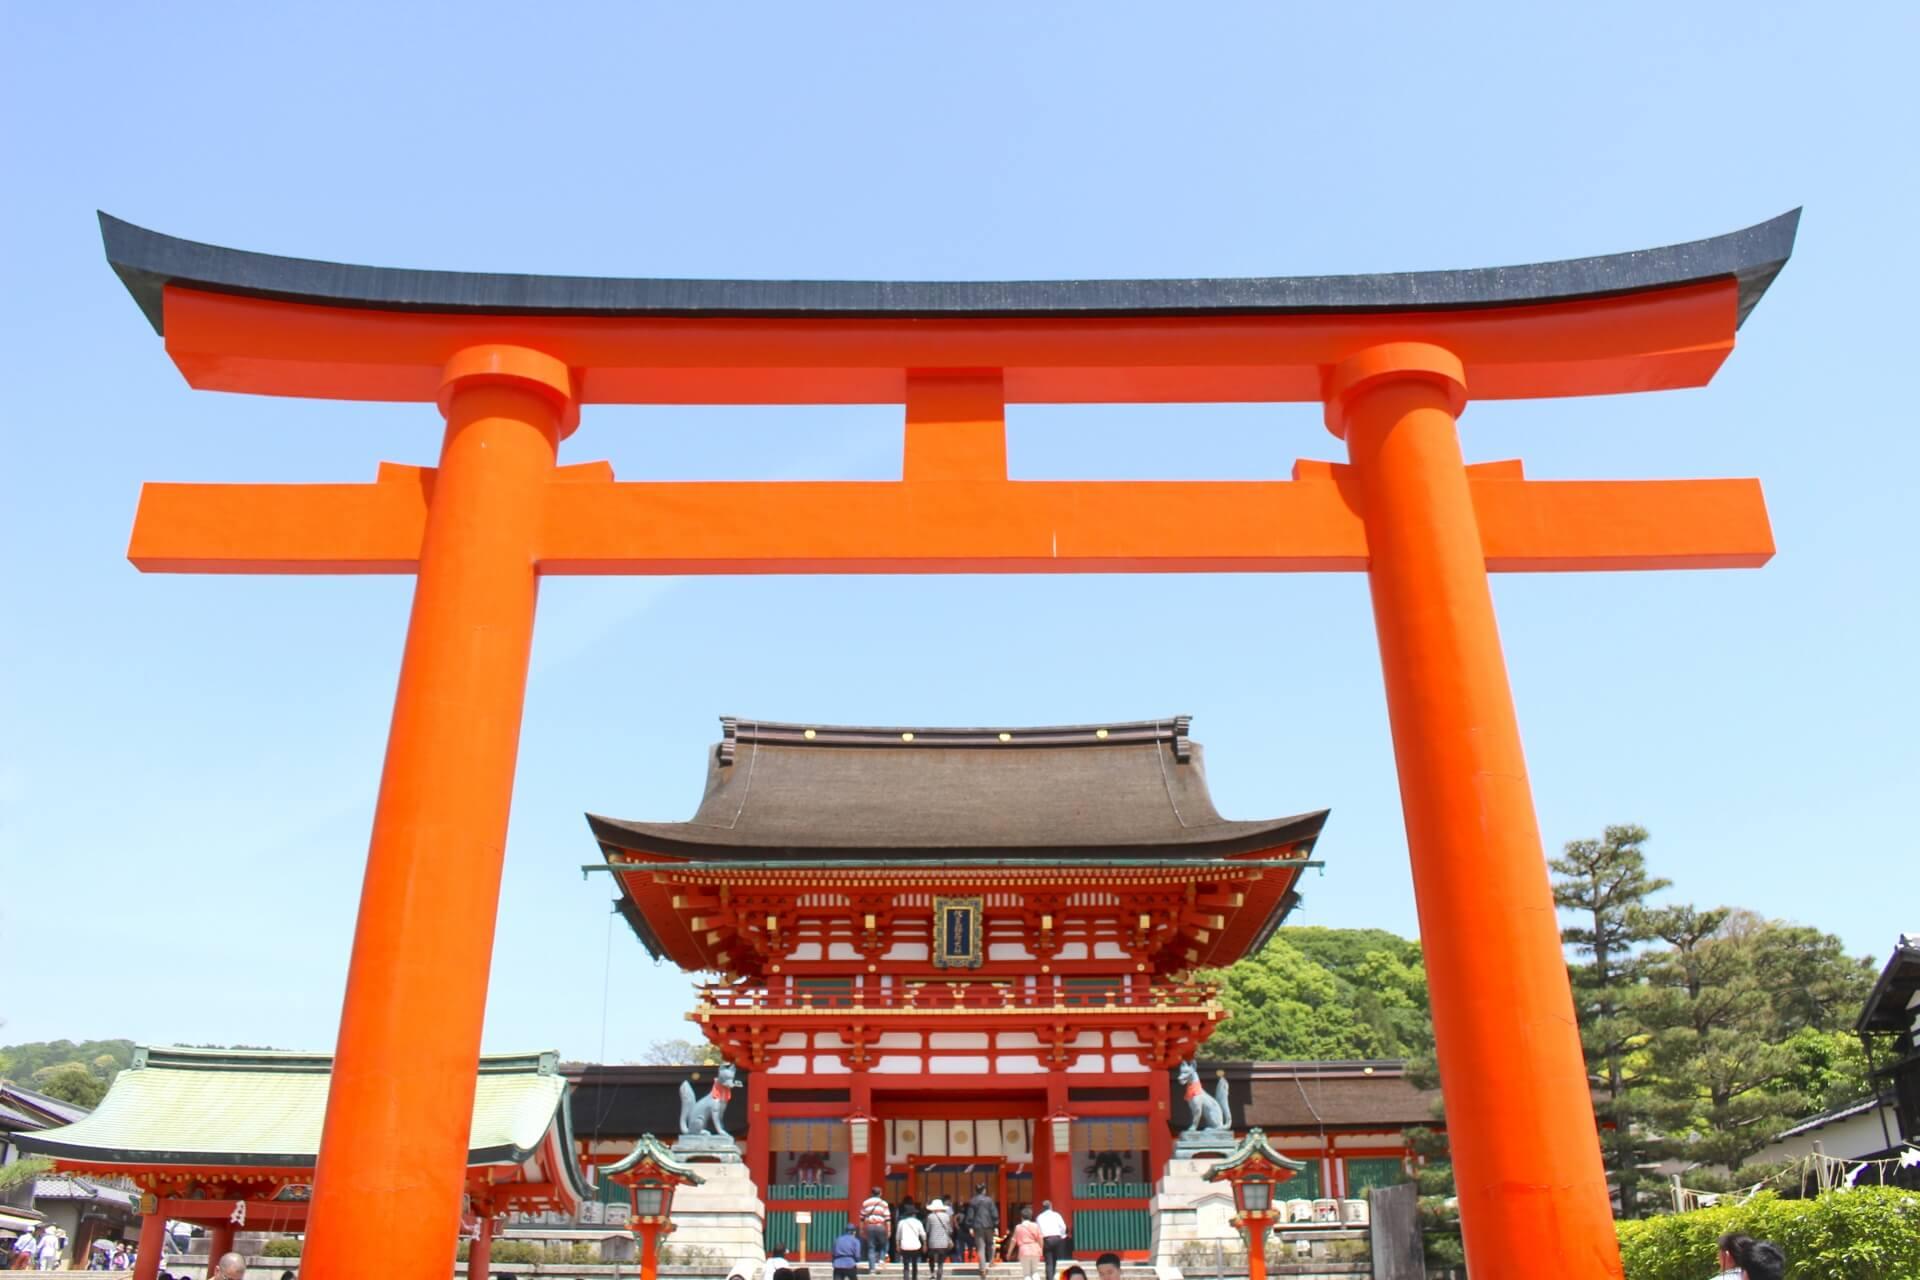 【2021年】京都の地元民も通う金運パワースポット!絶対外せないおすすめ商売繁盛・金運神社10選